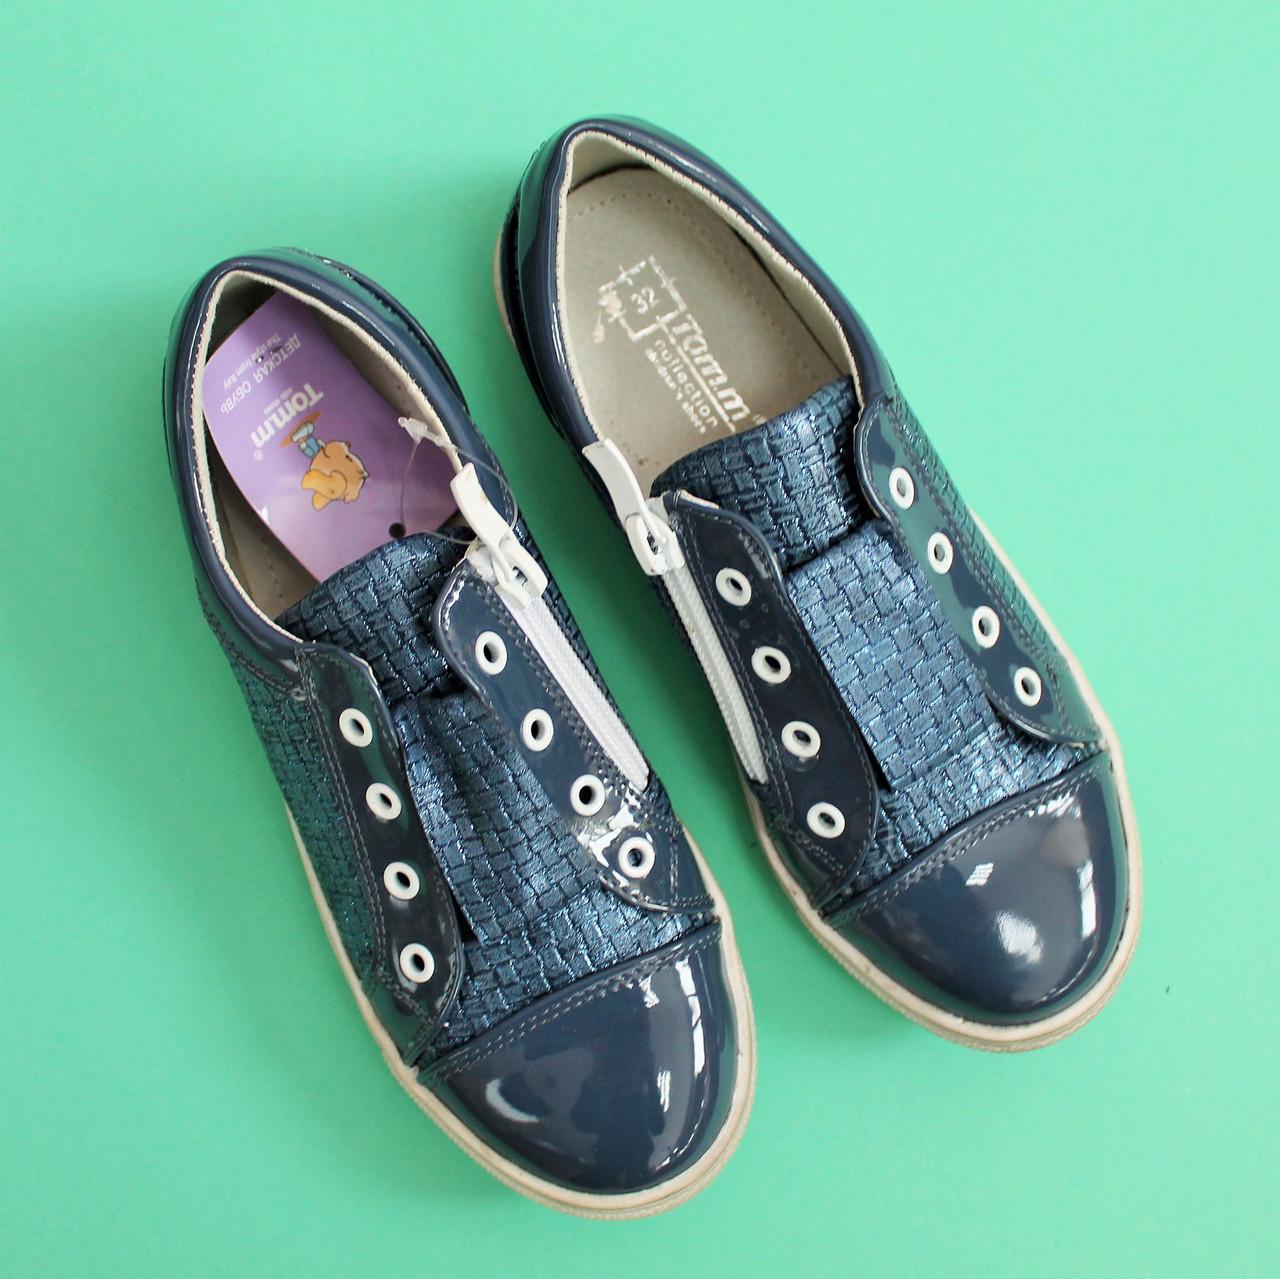 ec4baca47 ... Туфли школьные Слипоны для девочек синие подростковые Tom.m размер 32,33,34  ...